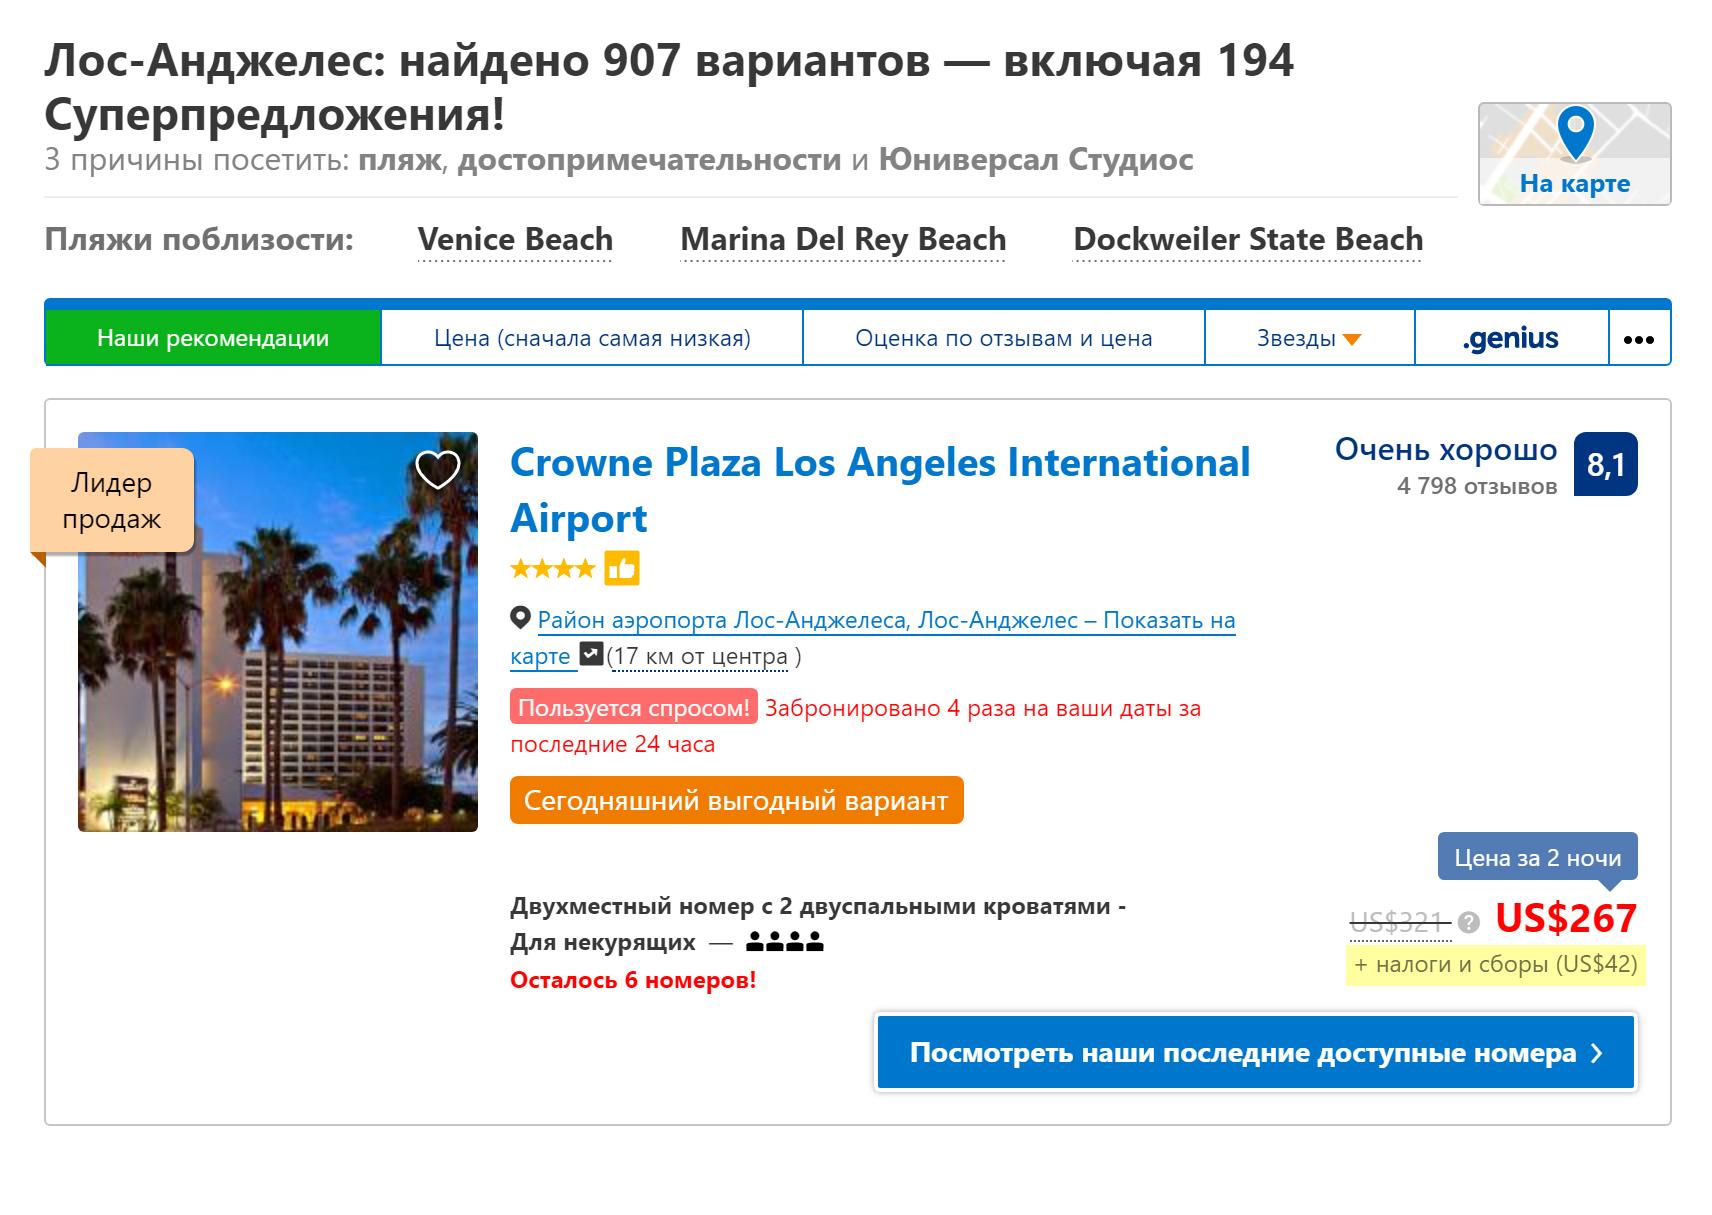 Налоги и сборы в списке отелей: малозаметные серые цифры под большой красной ценой